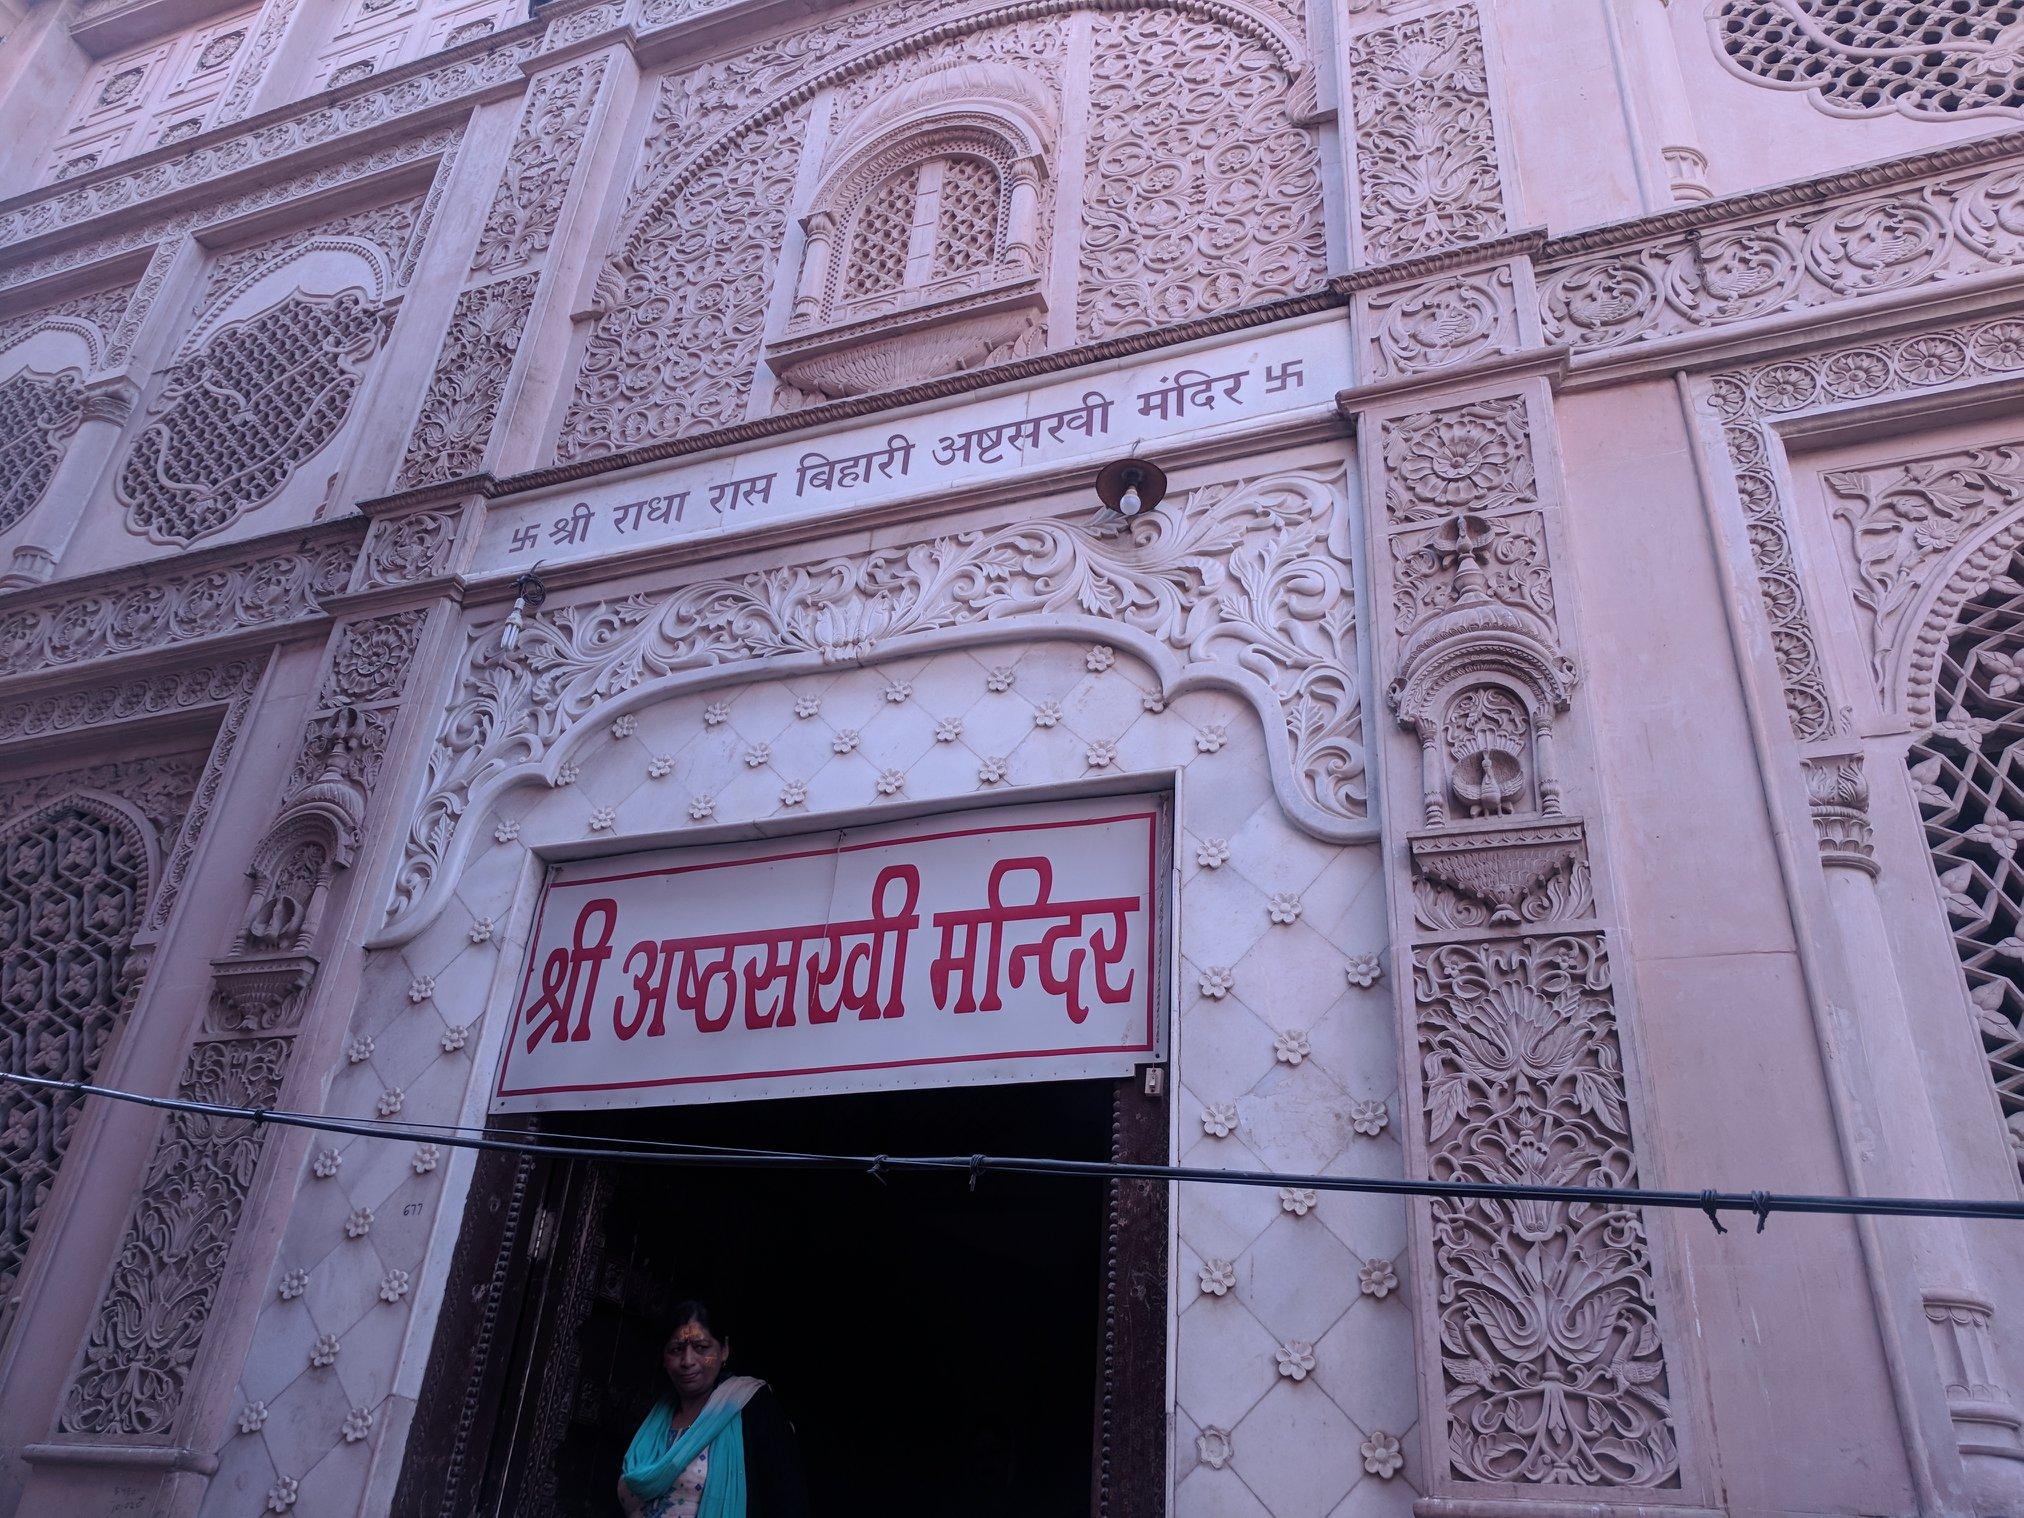 Shri Ashta Sakhi Temple, Vrindavan